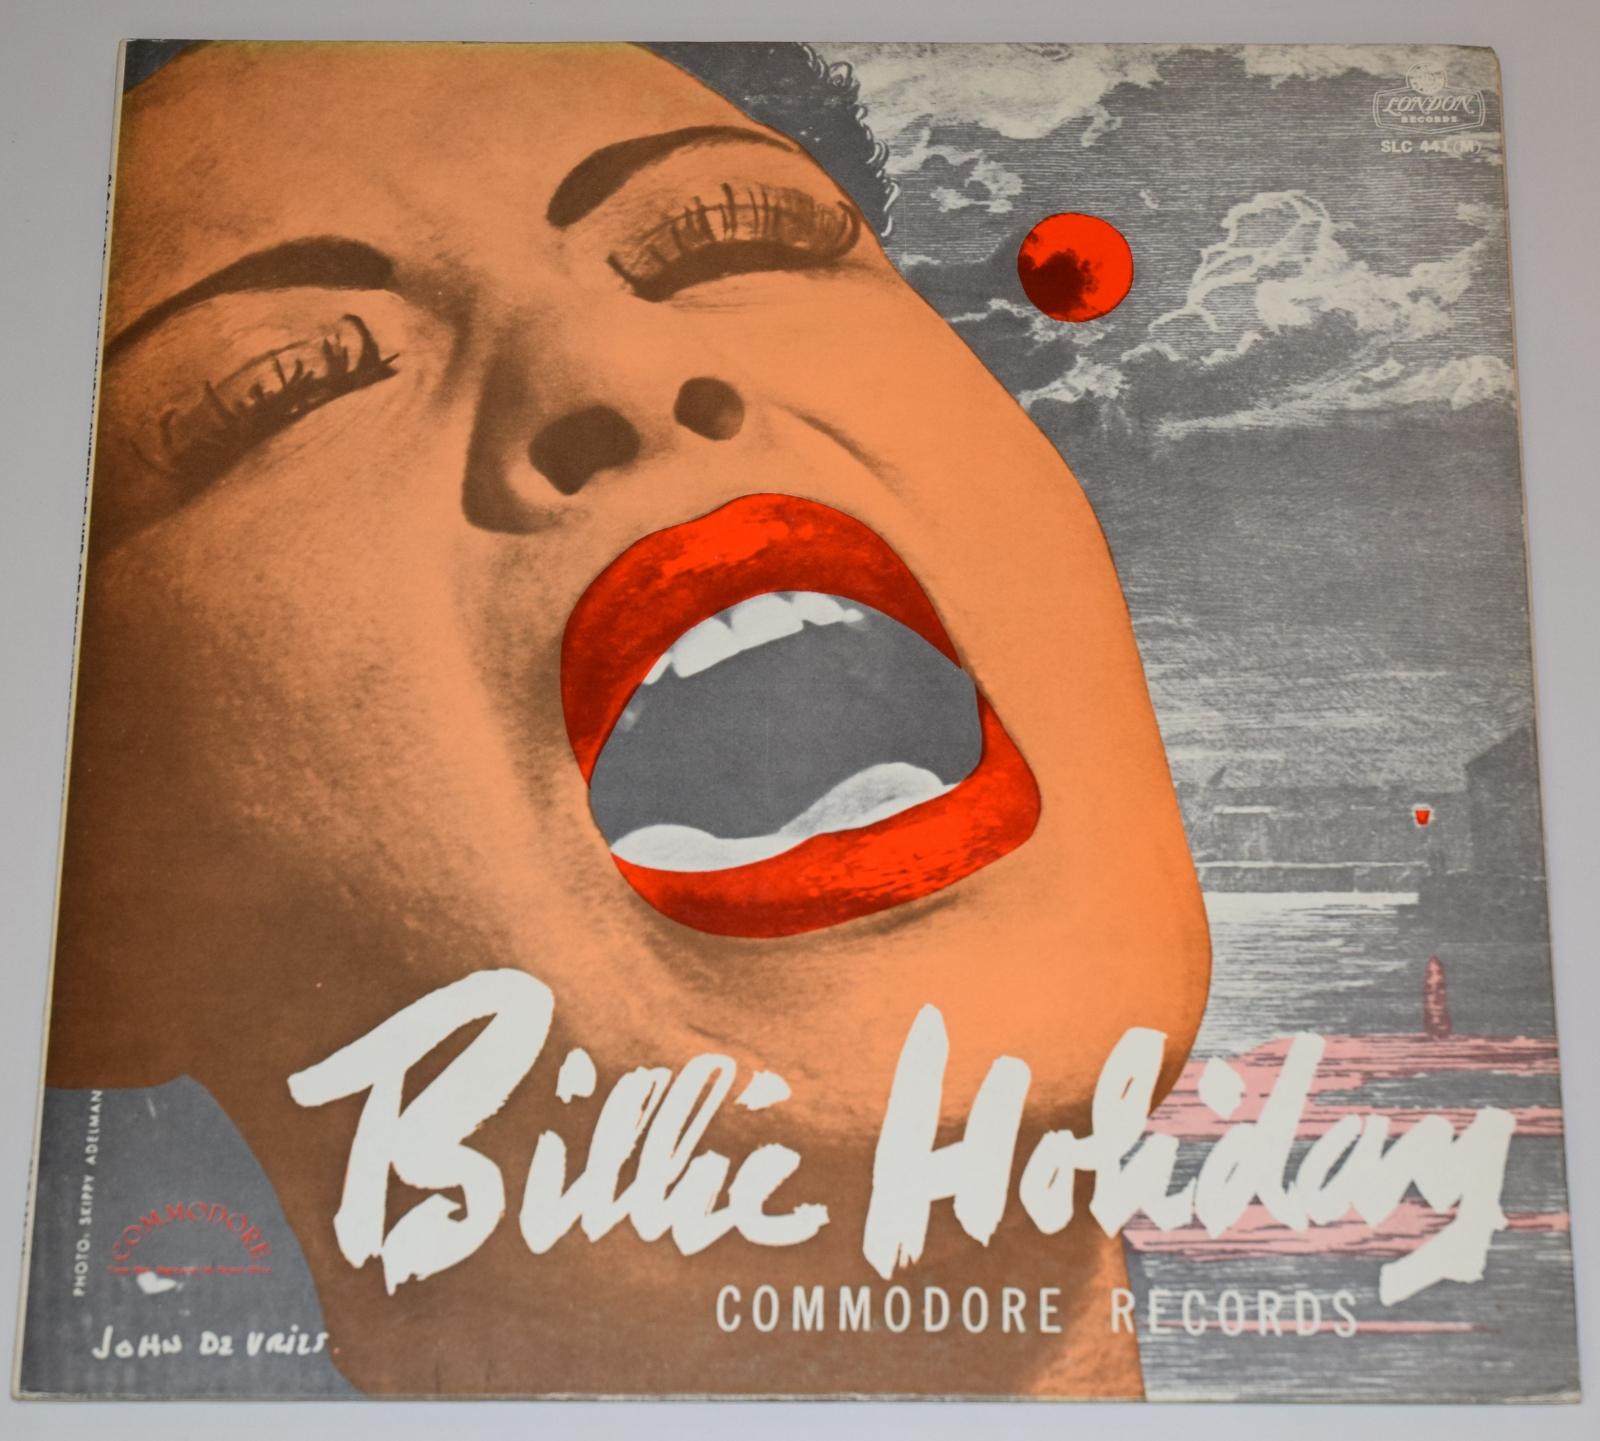 奇妙な果実 ビリー・ホリデイ/コモドア・レコーディングス: 音楽あれこれ